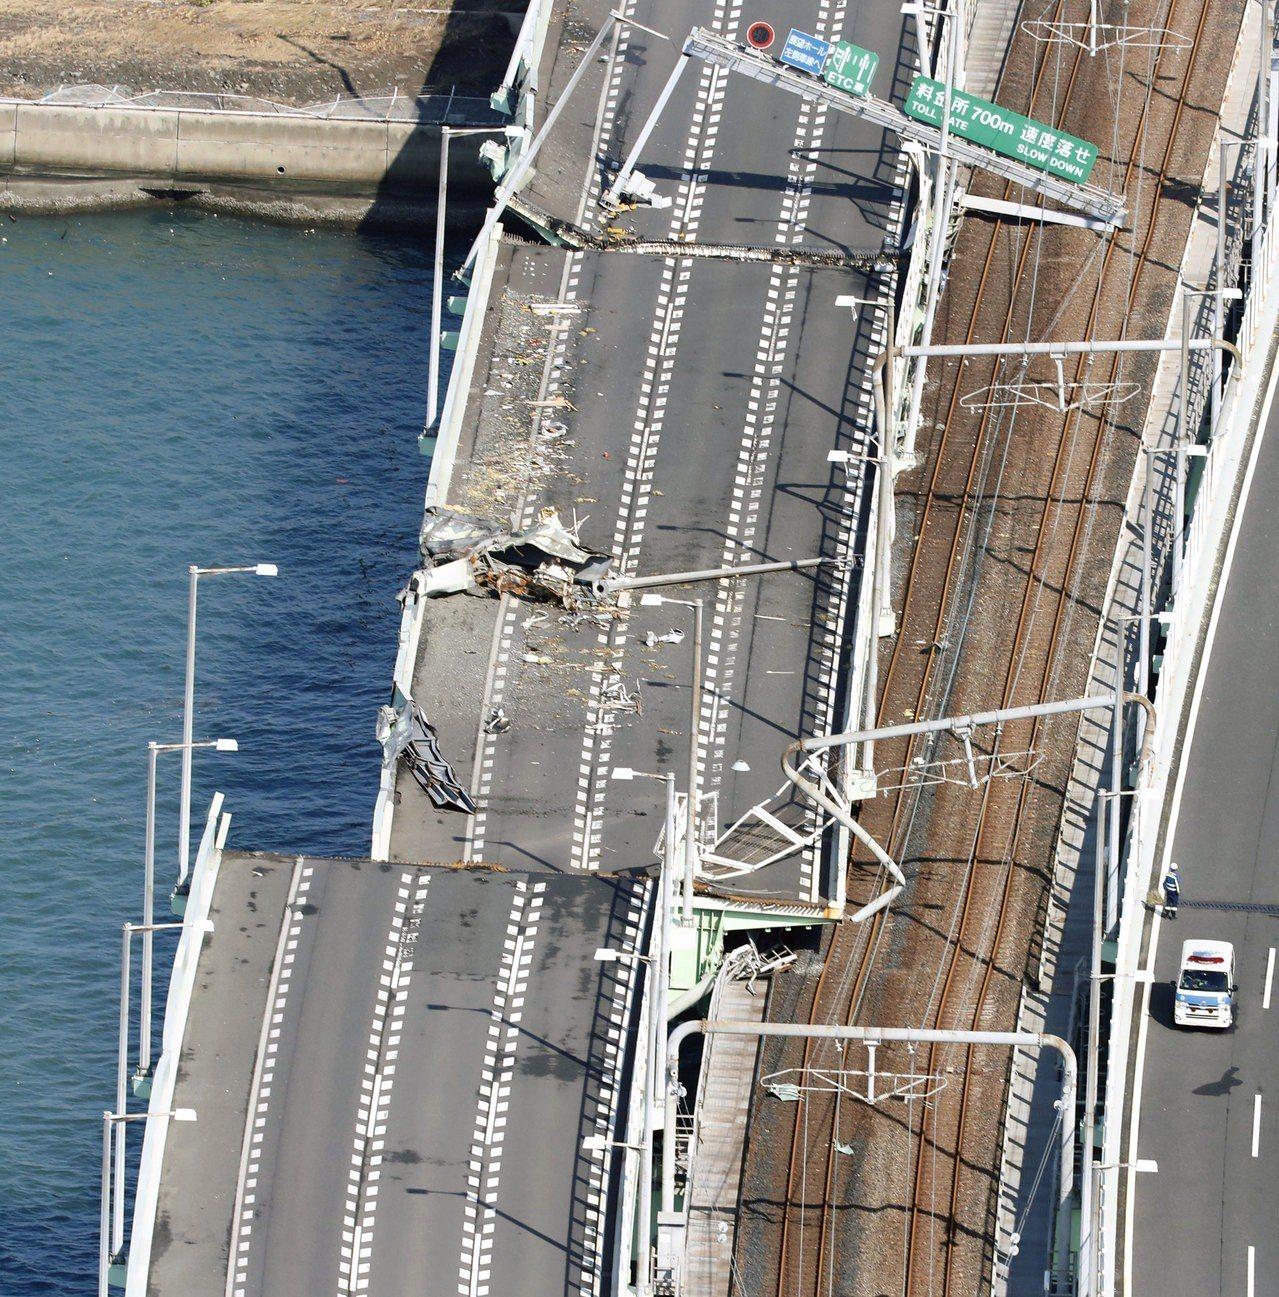 去年夏天受到燕子颱風重創的日本關西機場對外聯絡橋,可望在今年4月上旬全面恢復通車...